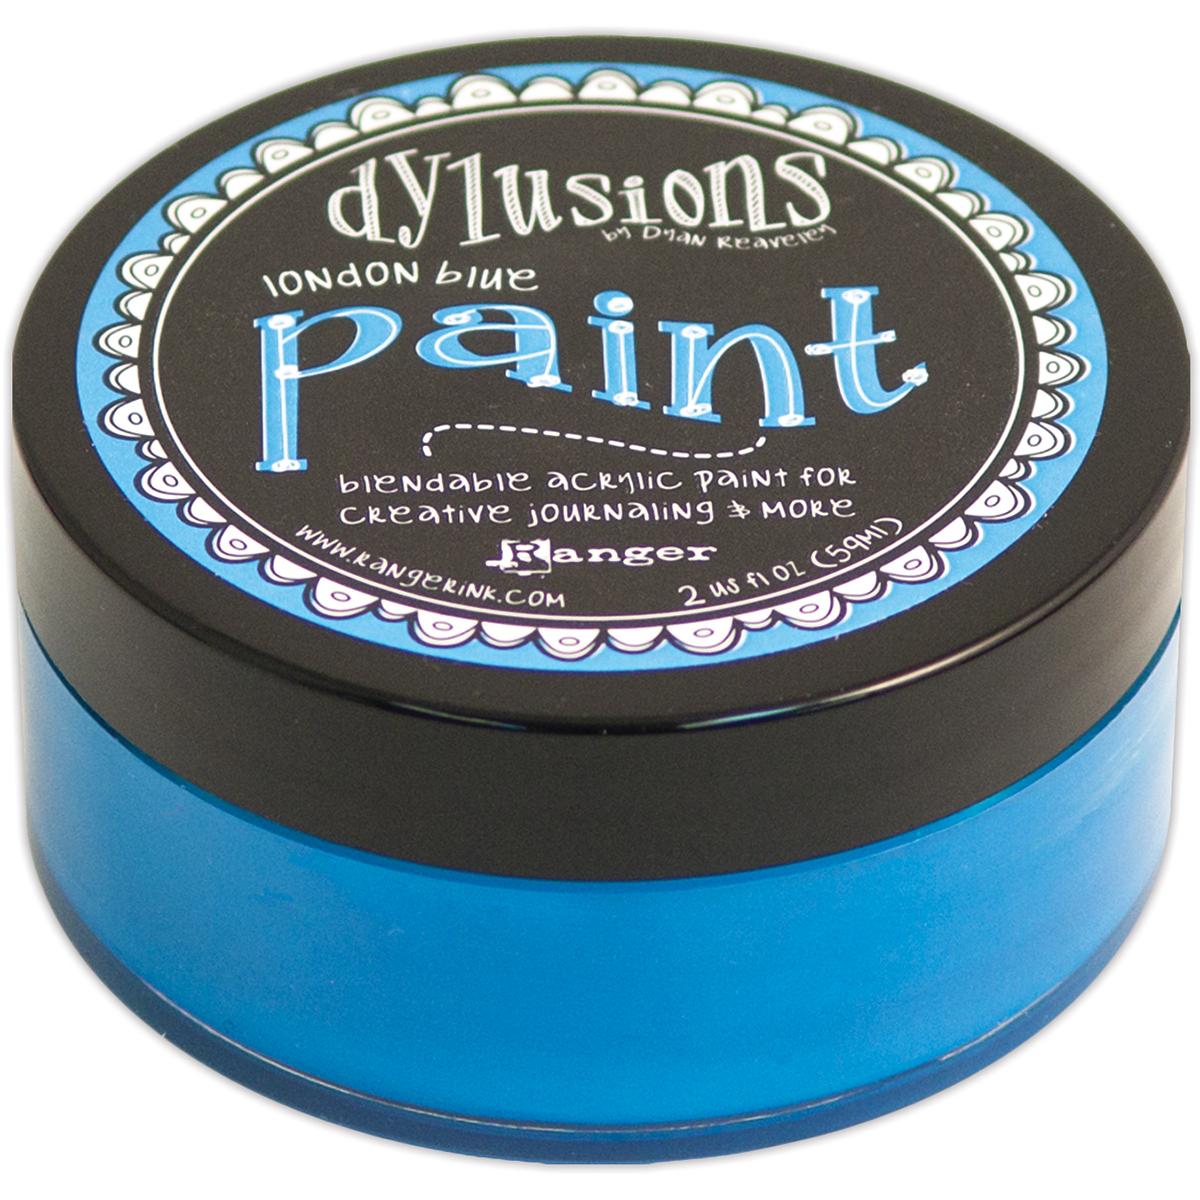 london blue paint